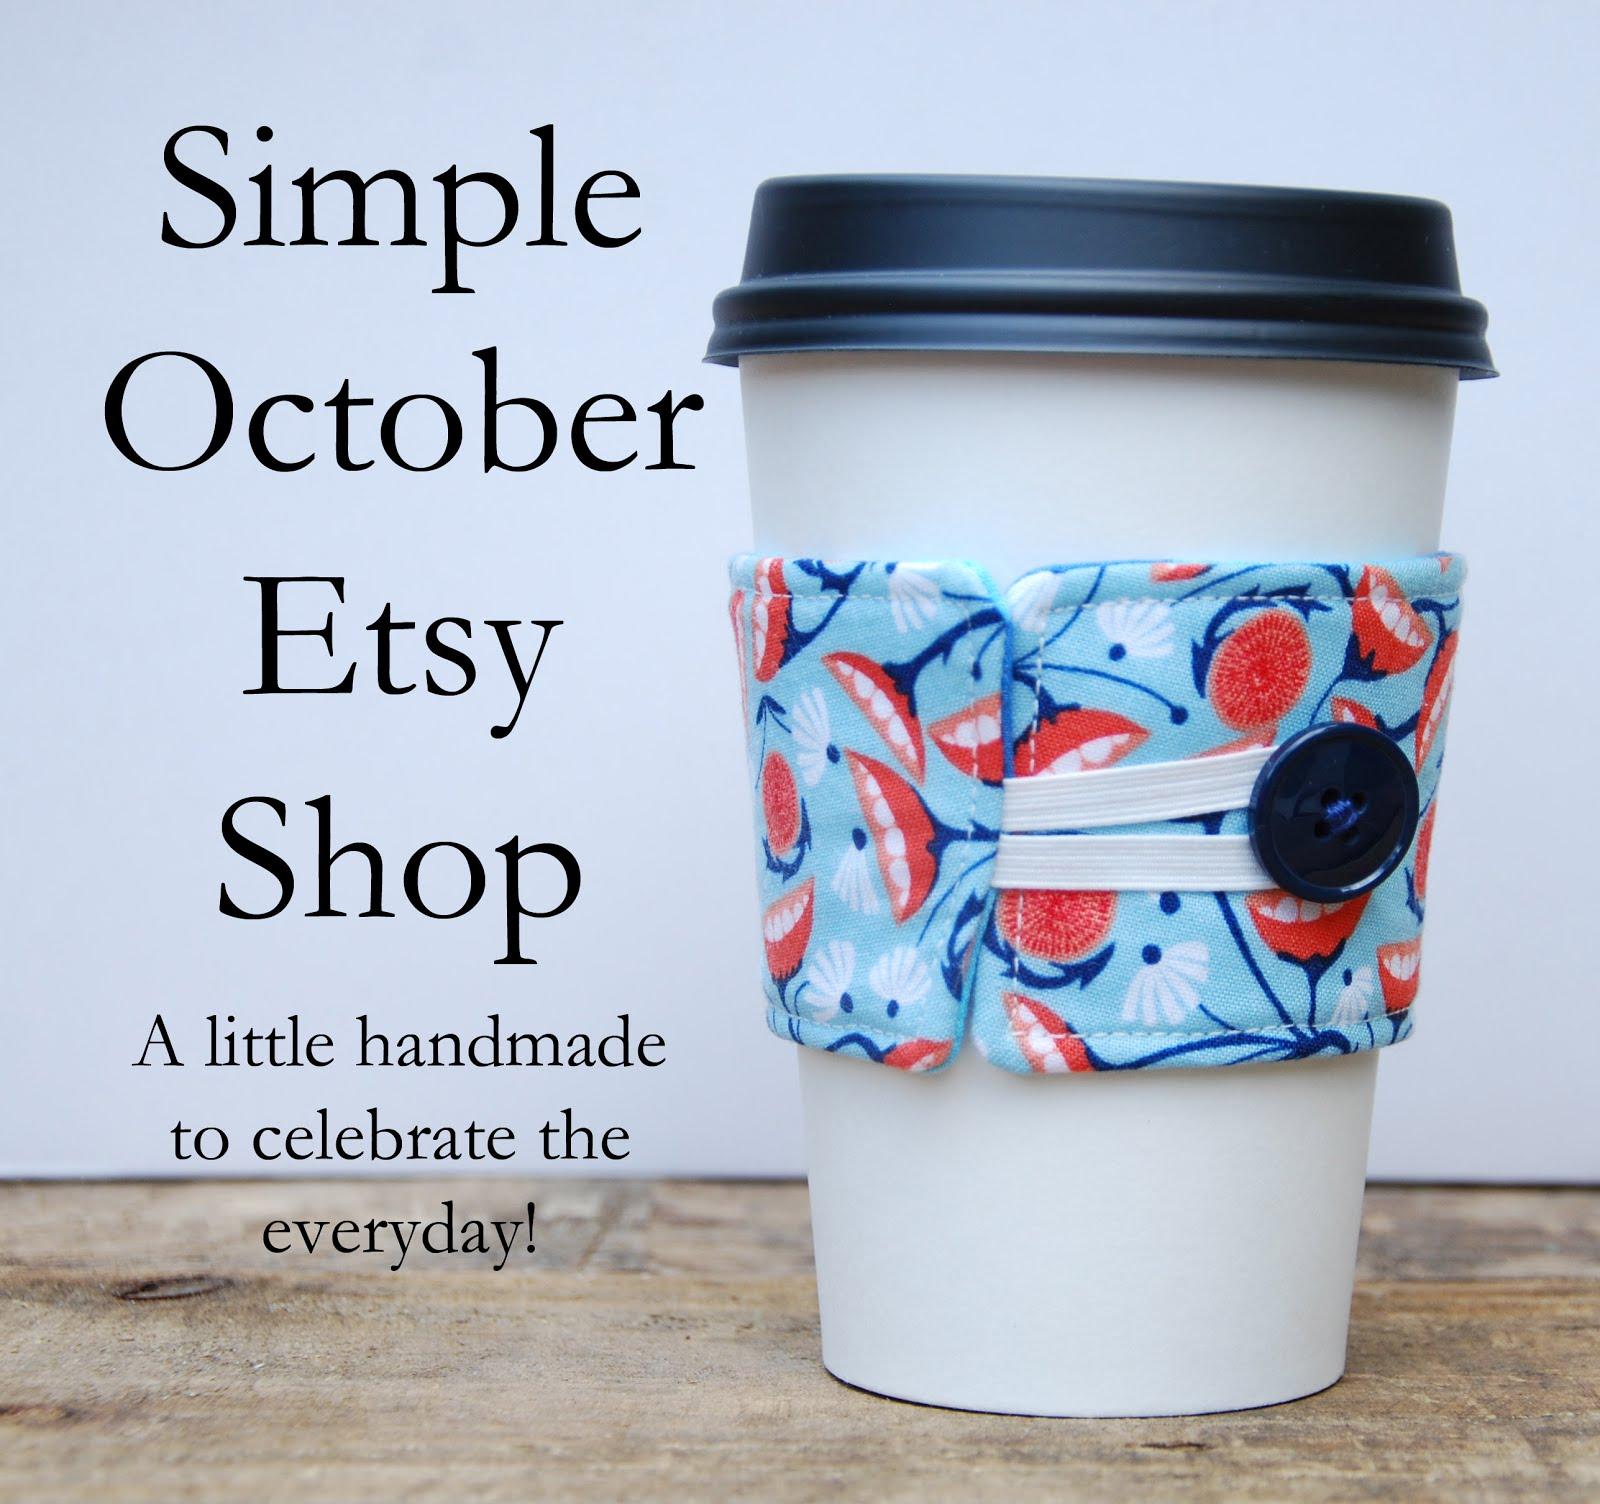 Simple October Etsy Shop